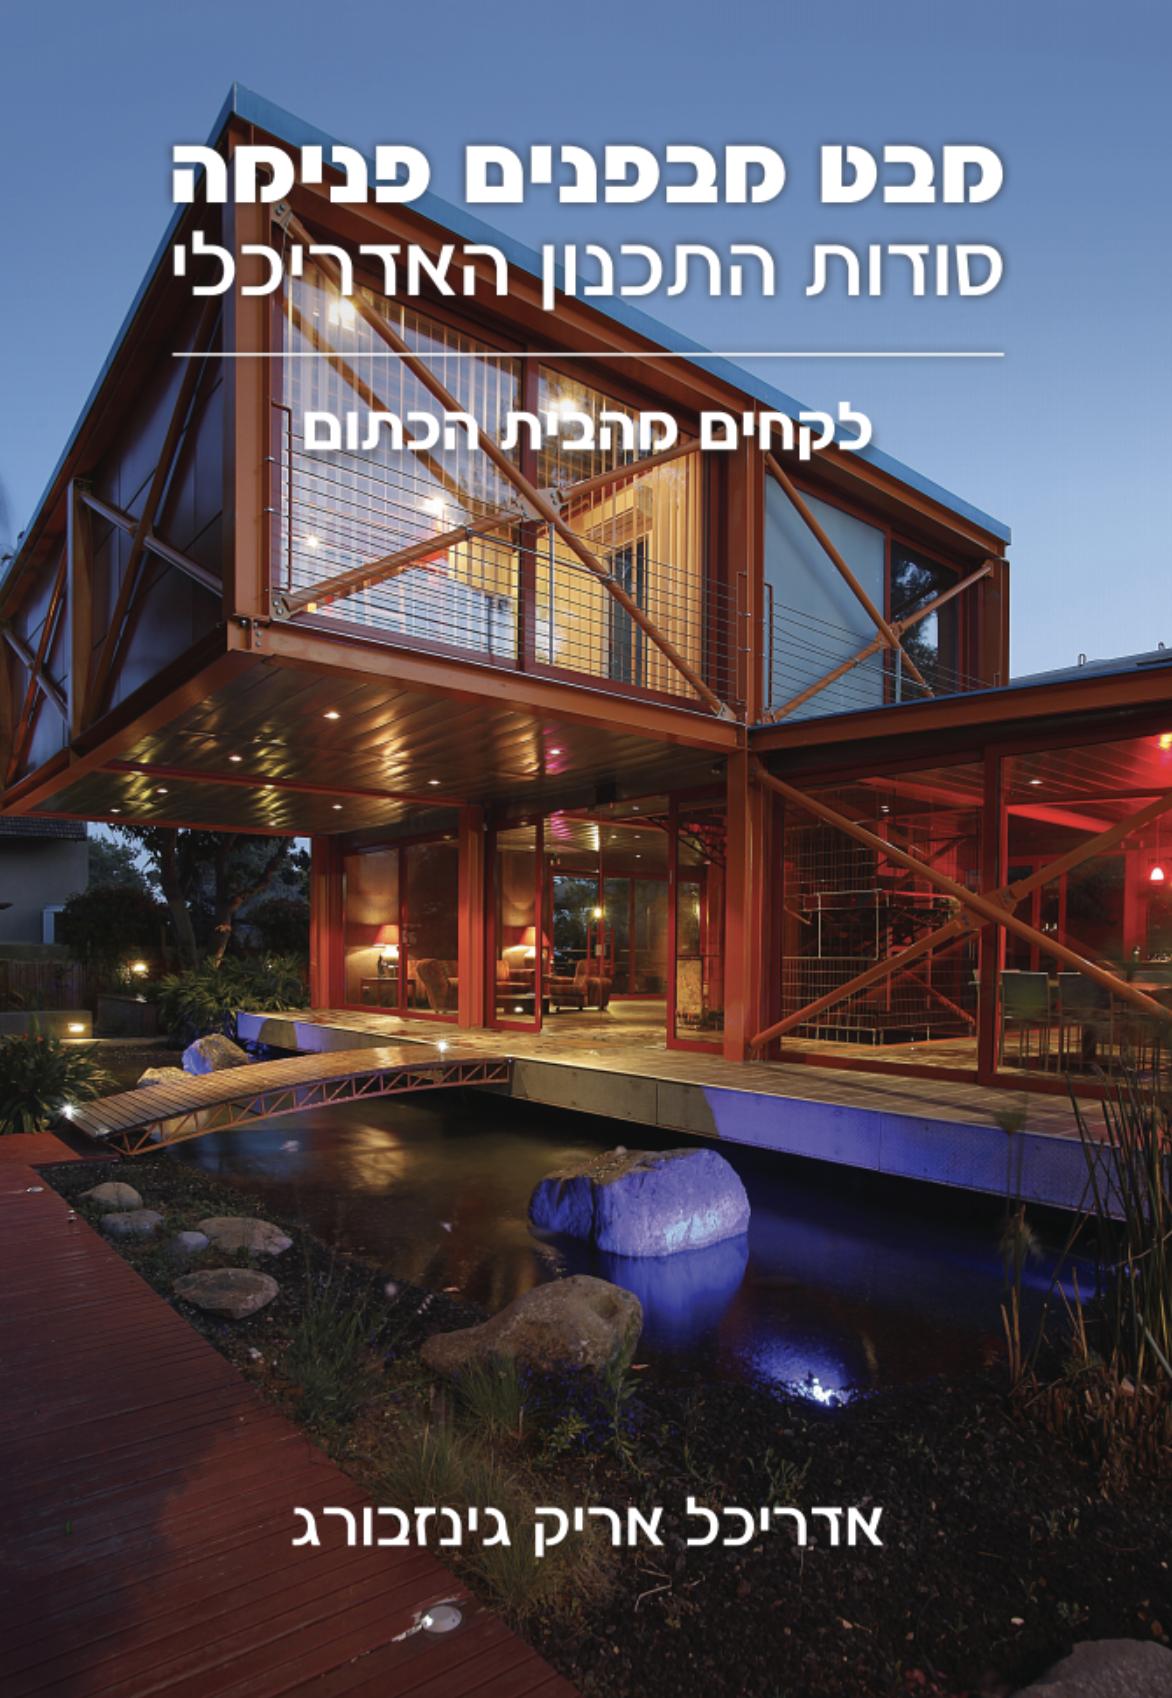 מבט מבפנים פנימה – סודות התכנון האדריכלי, לקחים מהבית הכתום / אריק גינזבורג -  ראה אור בהוצאת הספרים של סטימצקי